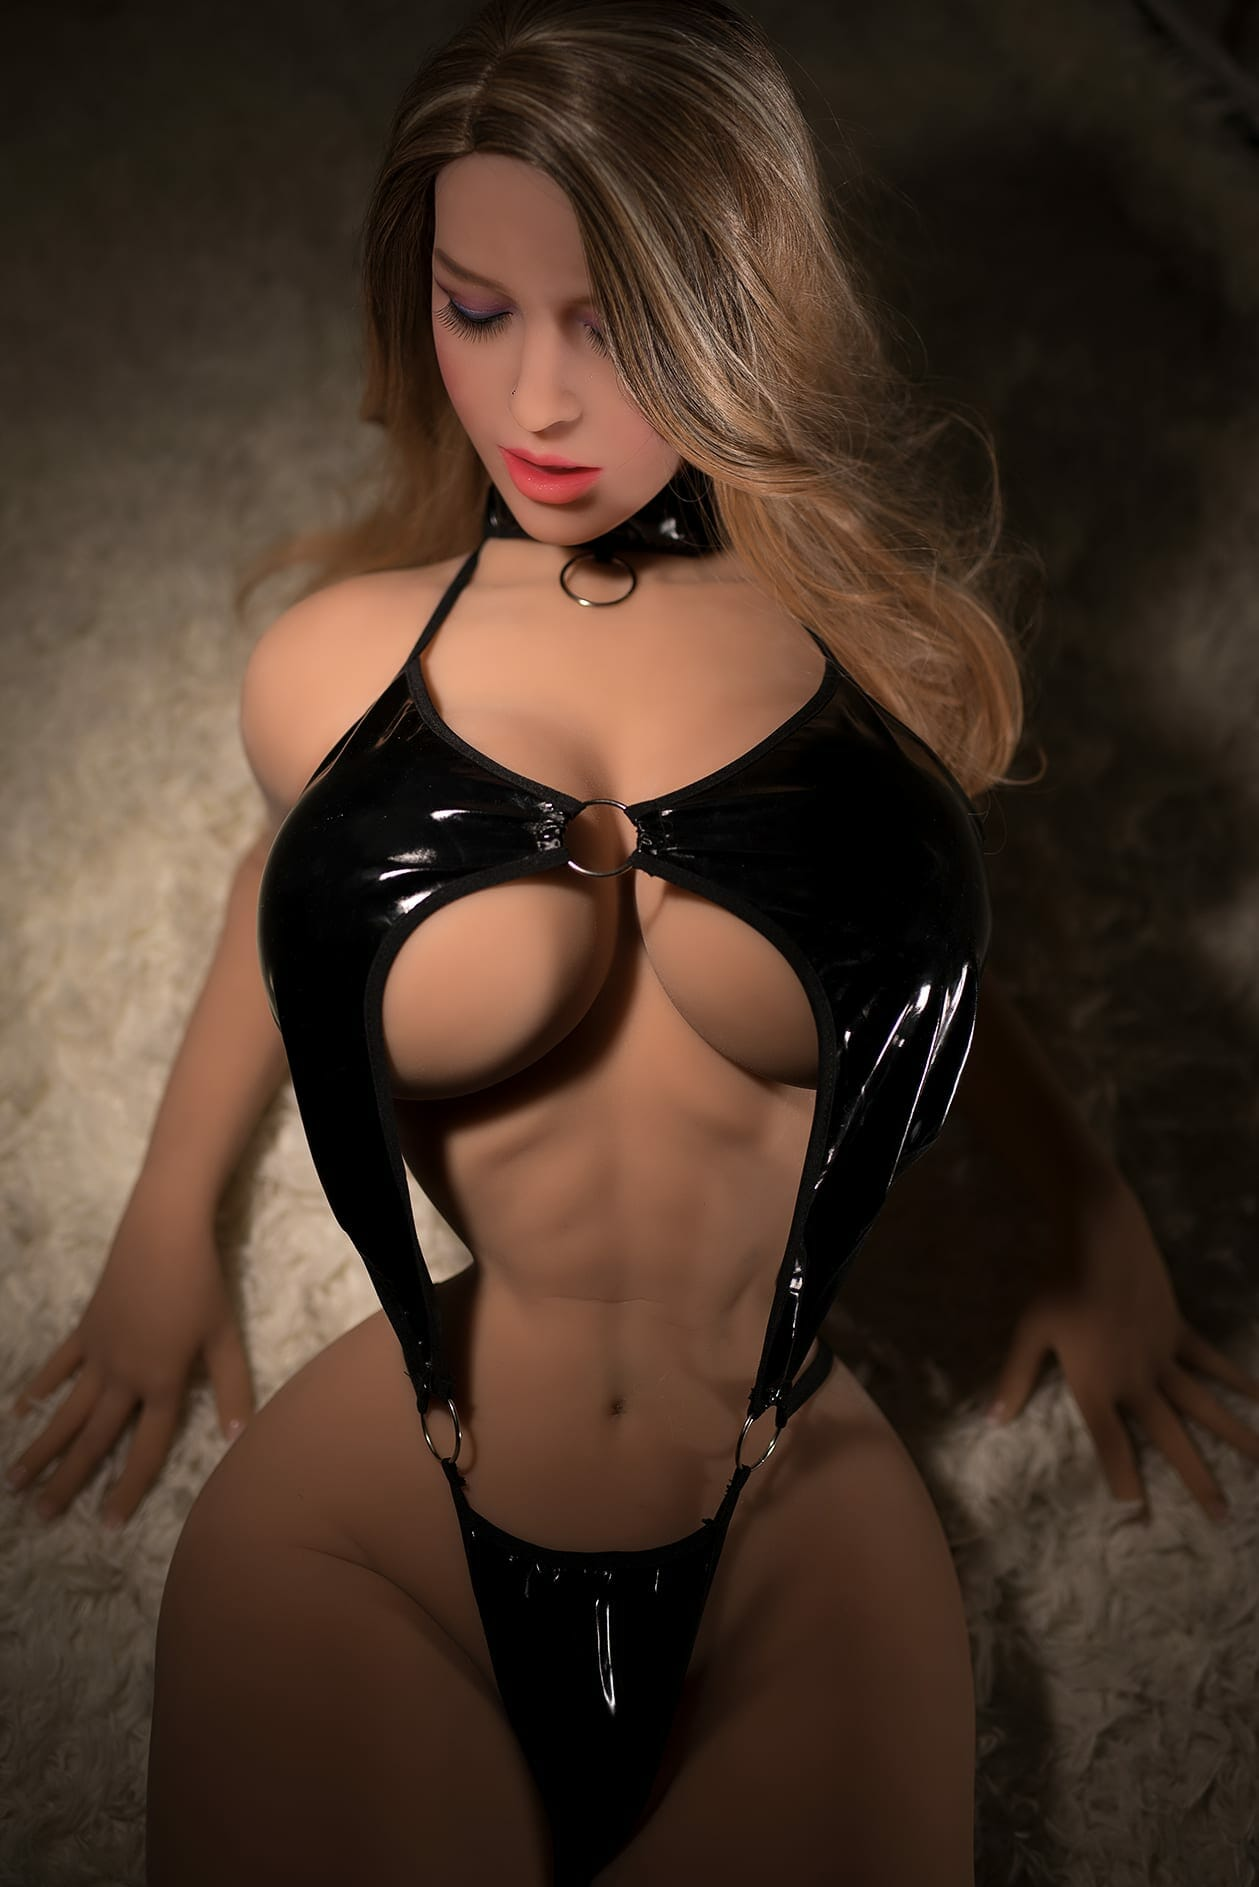 sex dolls online